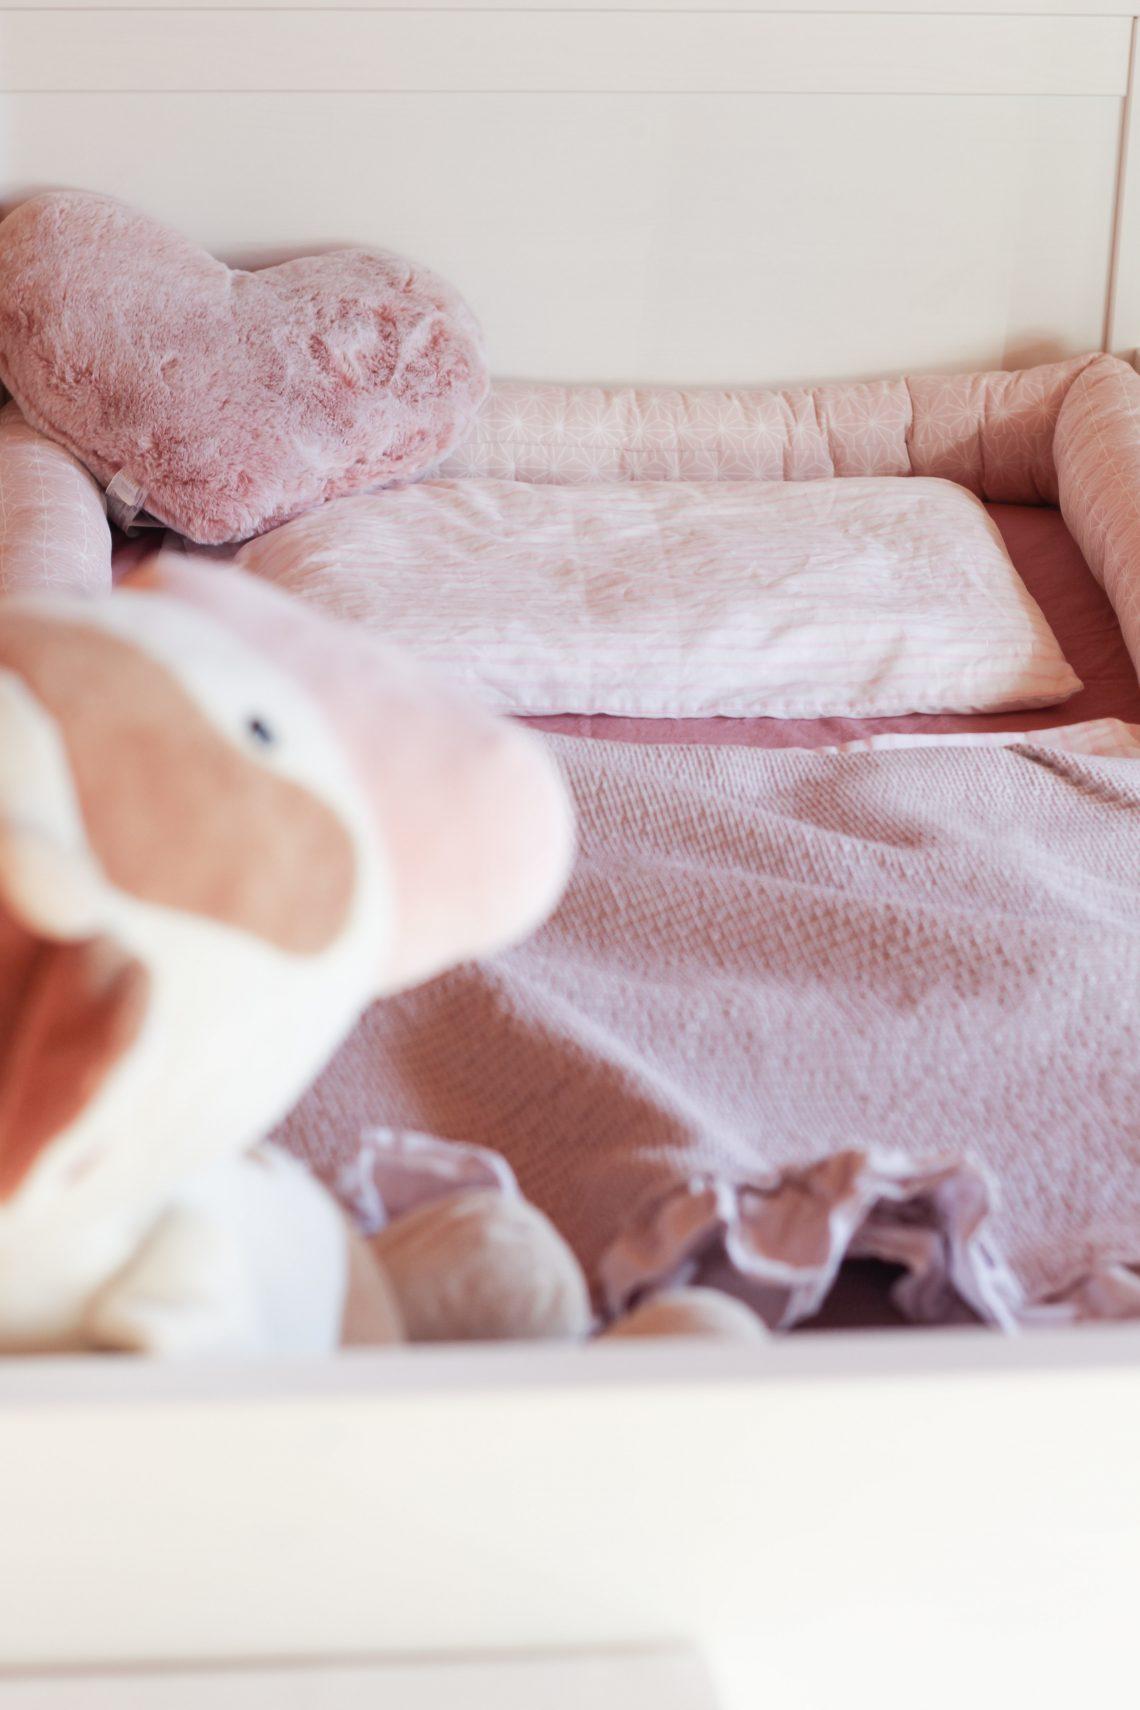 Full Size of Bett Mit Matratze Perfekte 80x160 Fr Das Sundvik Ikea Halfies Paletten 140x200 Küche U Form Theke Paidi Stauraum Ausziehbar Esstisch 4 Stühlen Günstig Bett Bett Mit Matratze